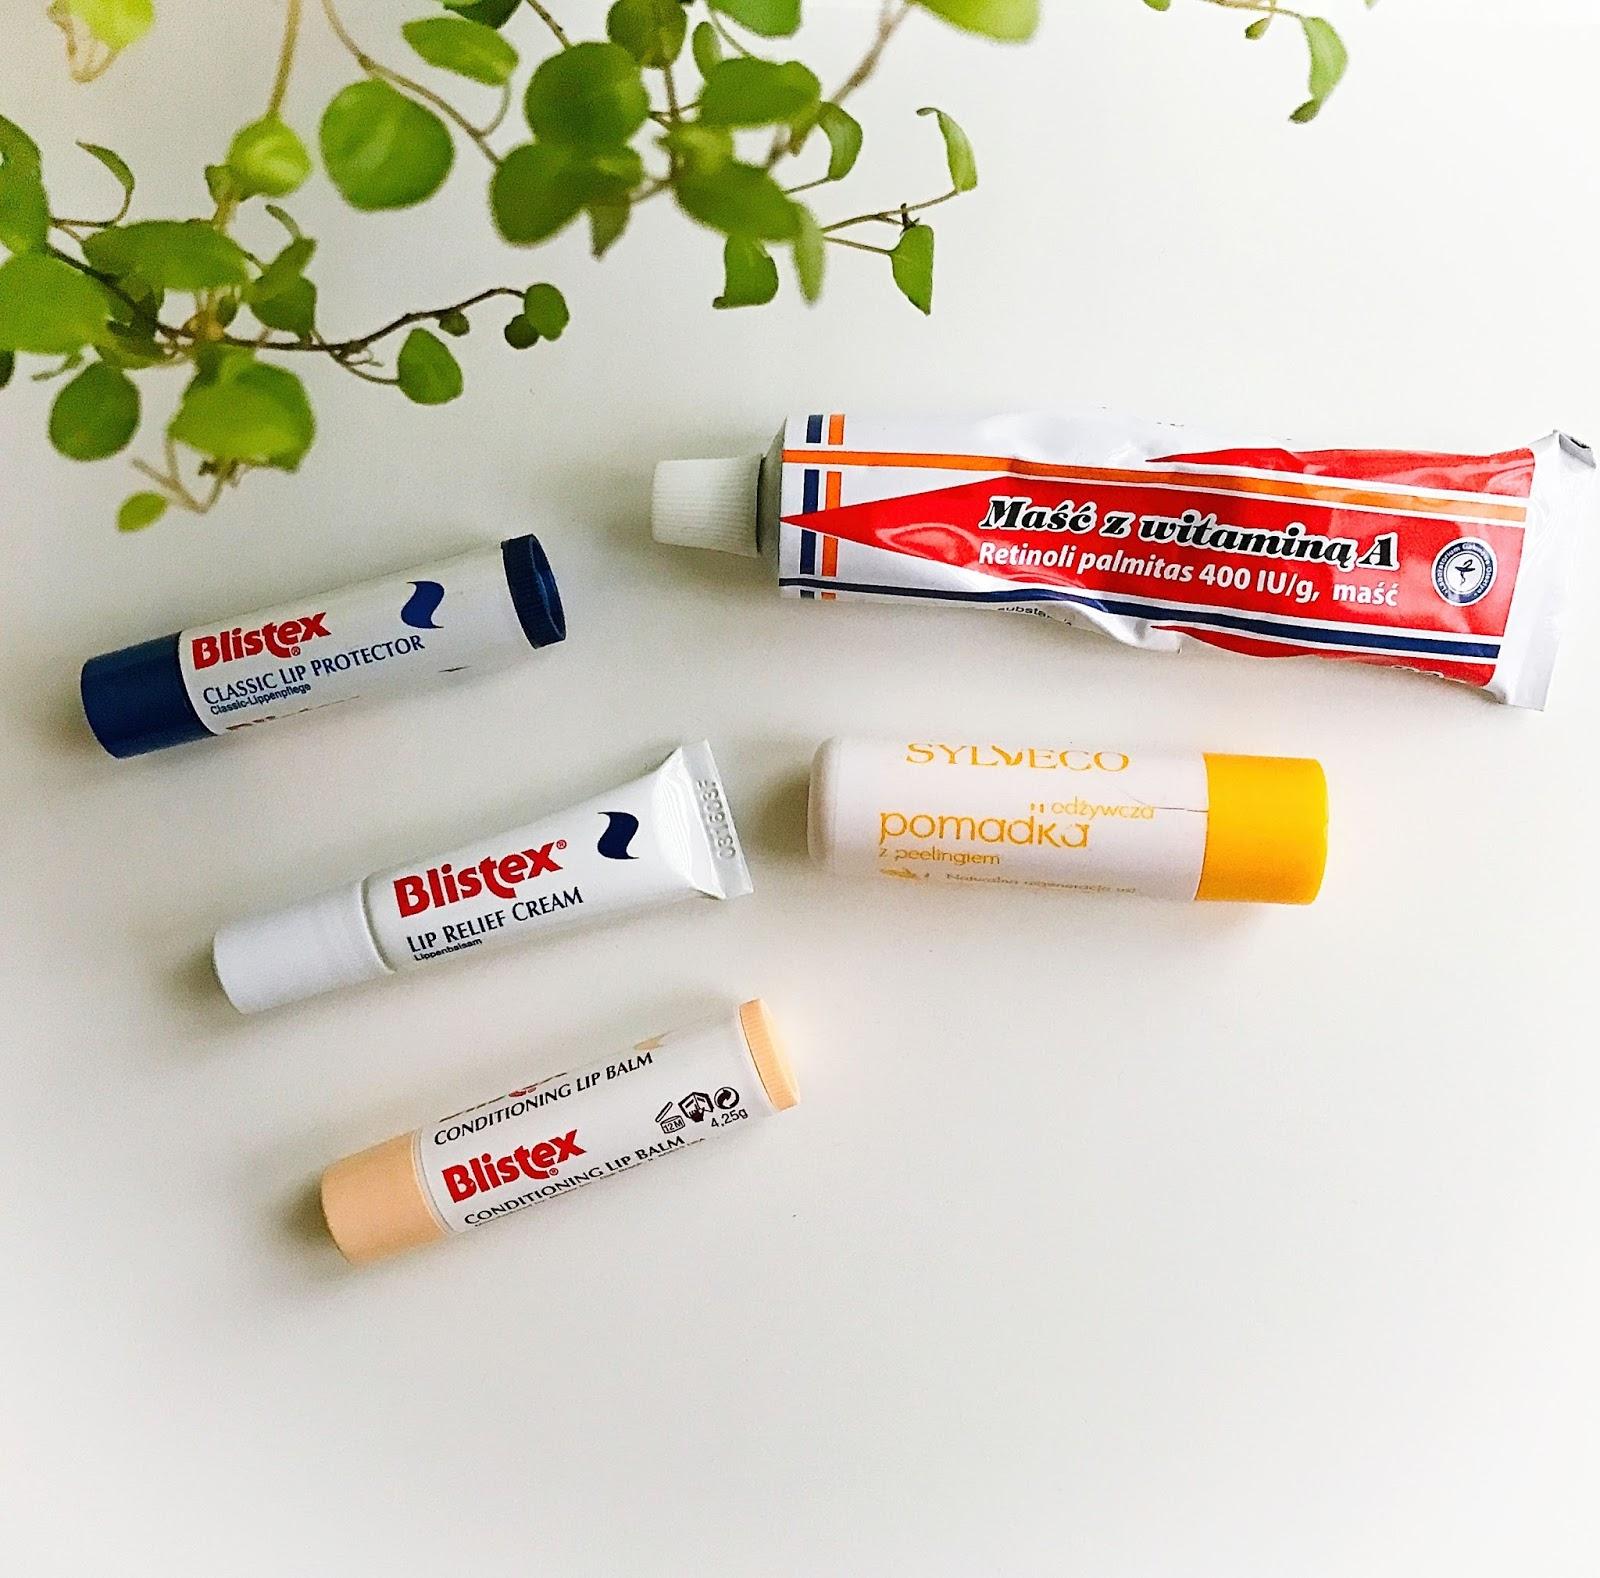 Produkty pielęgnacyjne do wrażliwych ust, Blistex Intensive Lip Relief, Blistex Classic, Blistex Daily Lip Care Conditioner, Maść z witaminą A, Odżywcza pomadka z peelingiem Sylveco,